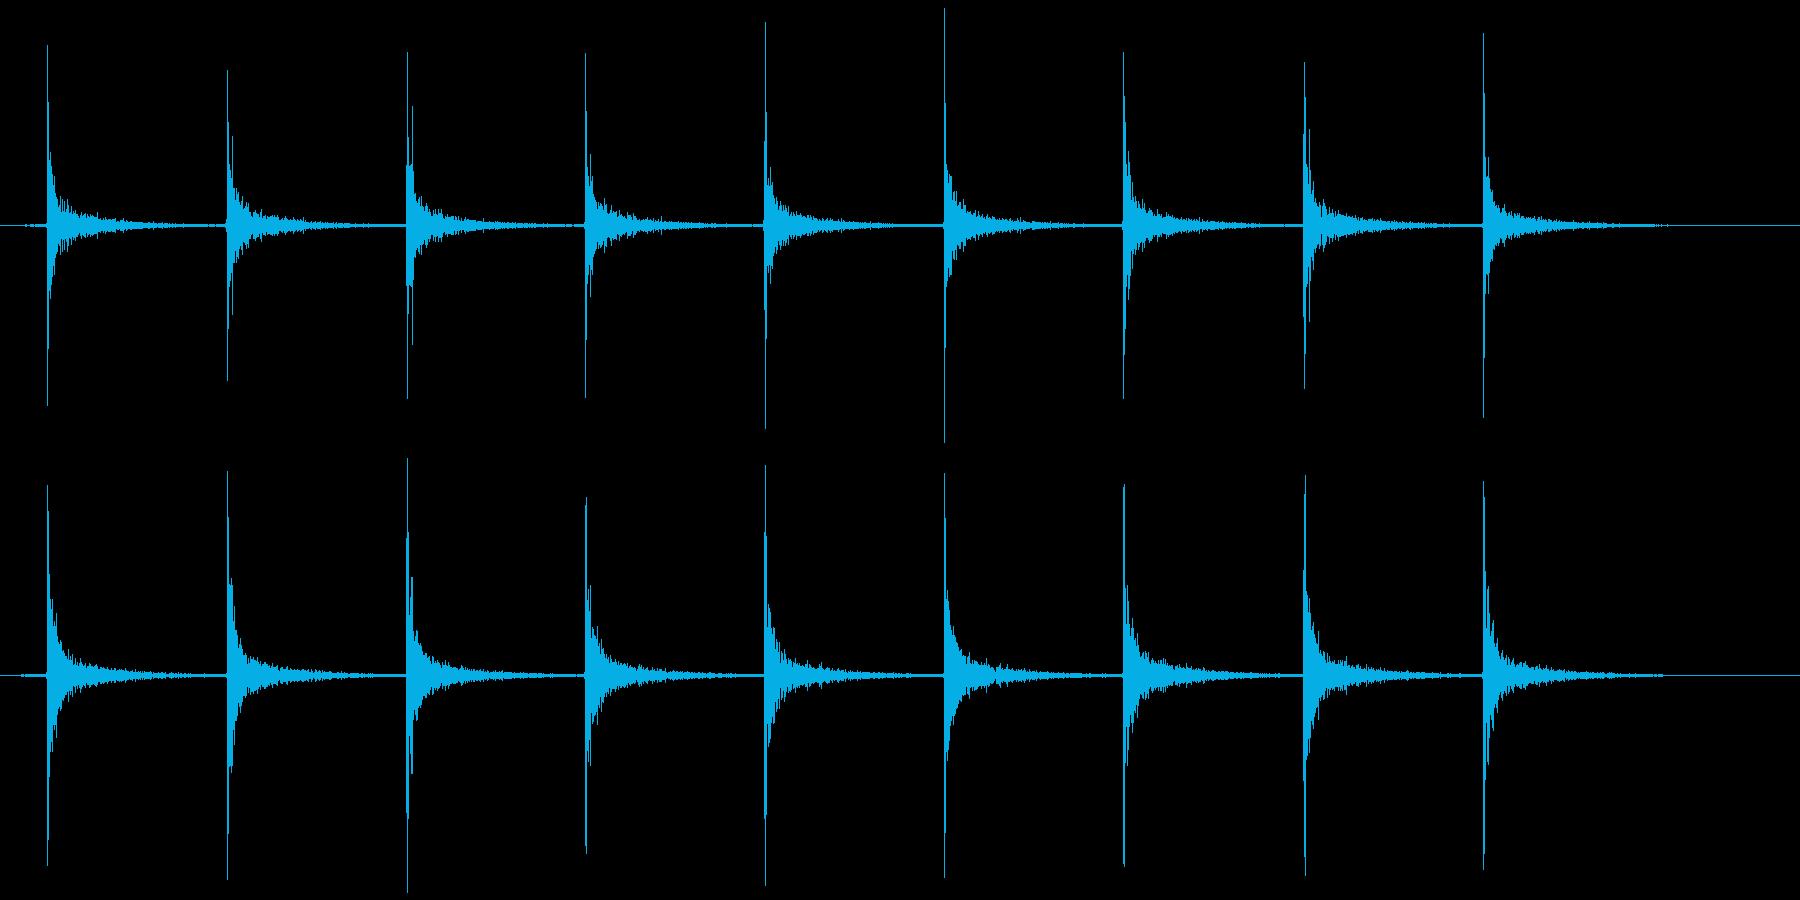 ガスコンロ 点火音(チッチッチッ…)の再生済みの波形